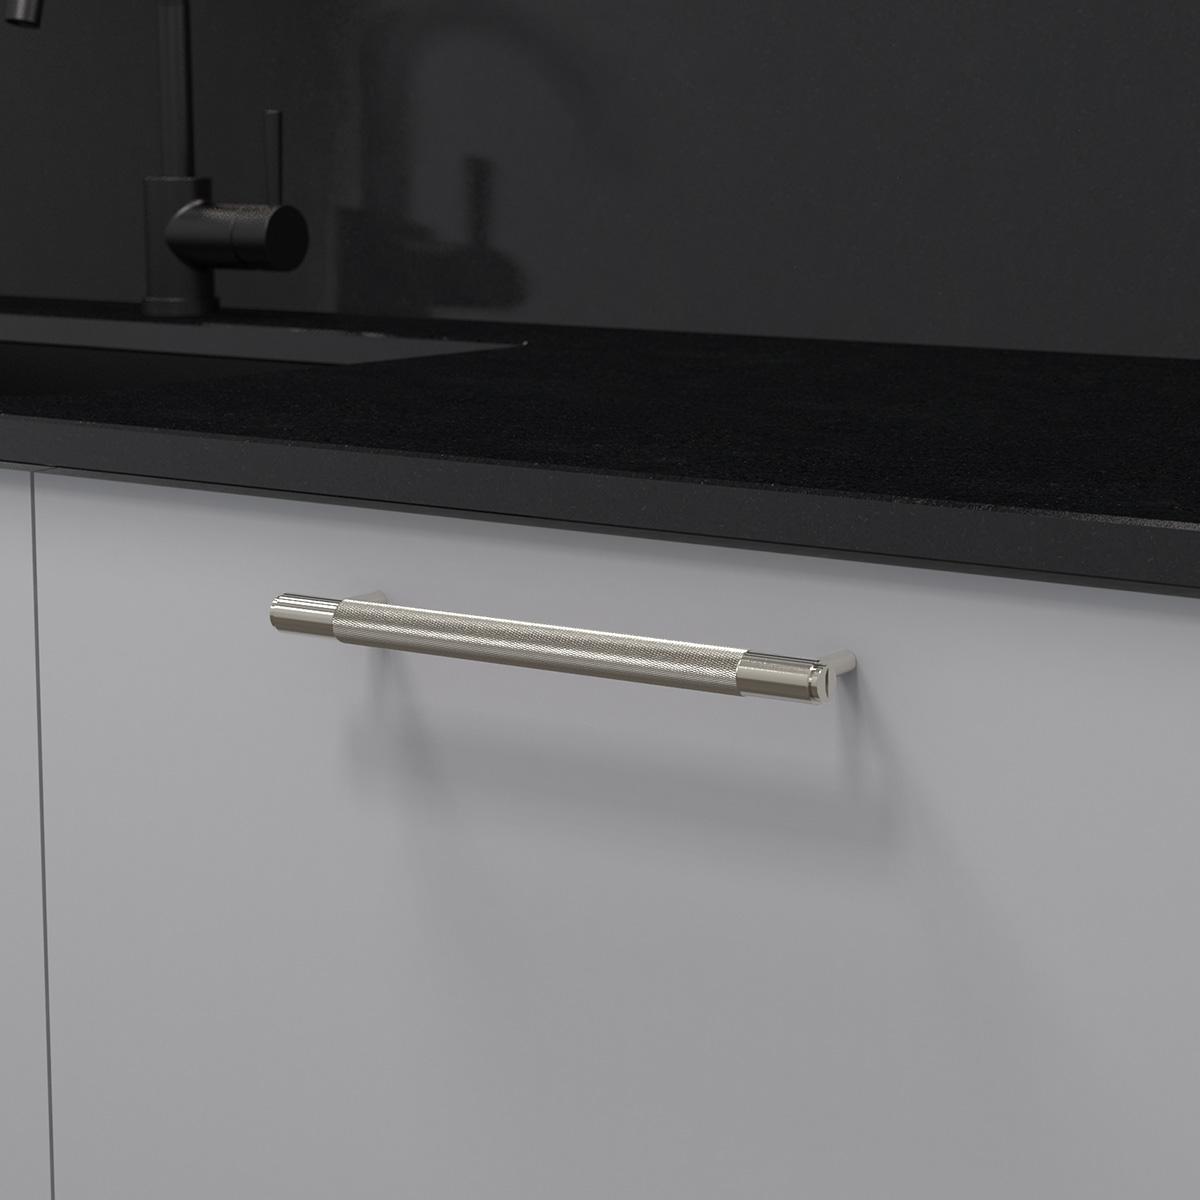 pull bar stål uk pb h 260 st a cc 225 mm ncs s 3000 n granit svart